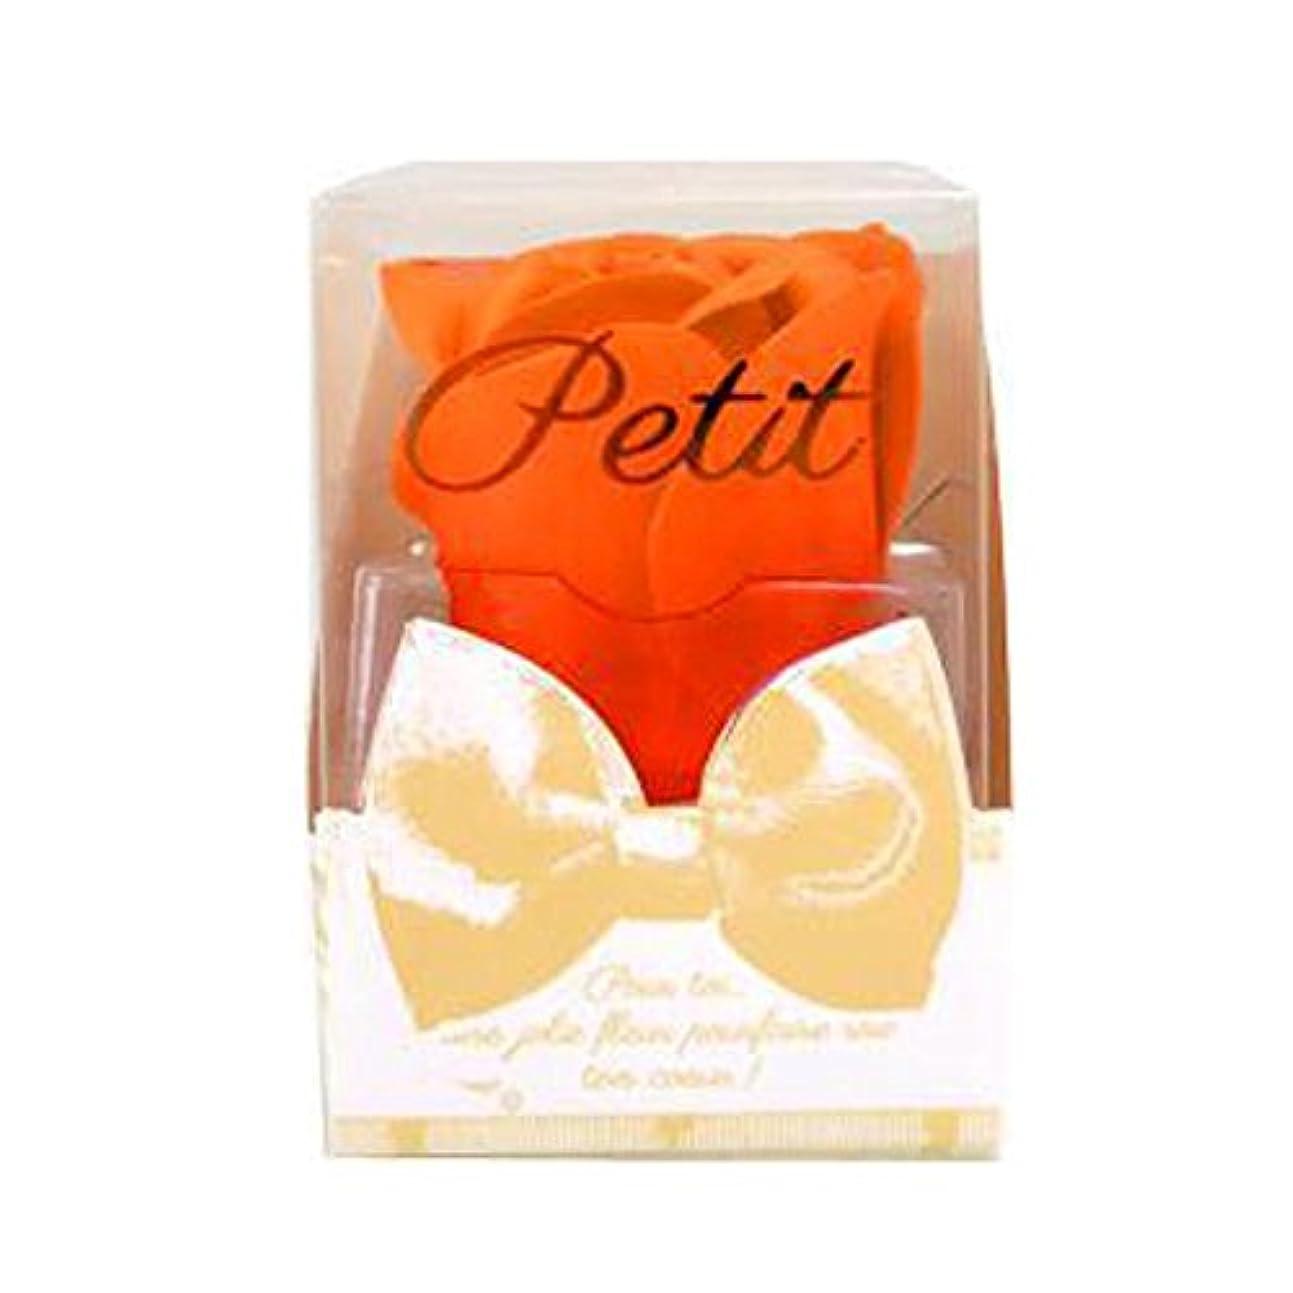 入浴剤 バスフレグランス Petit(プッチ) オレンジ